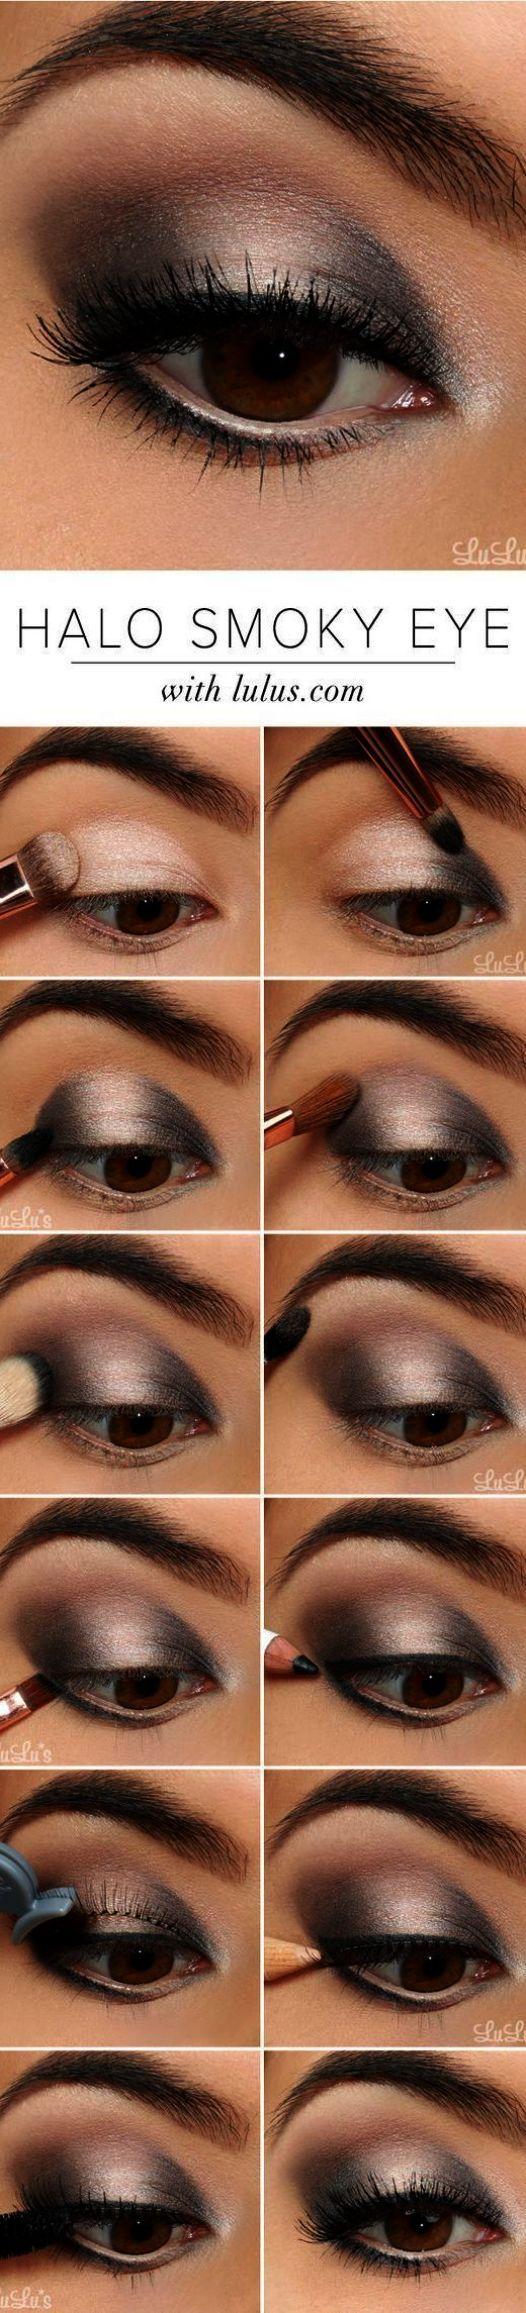 Smokey Eye Makeup Schwarz und Silber No7 Schöne Haut Augen Make-up Entferner Bewertung – Looks